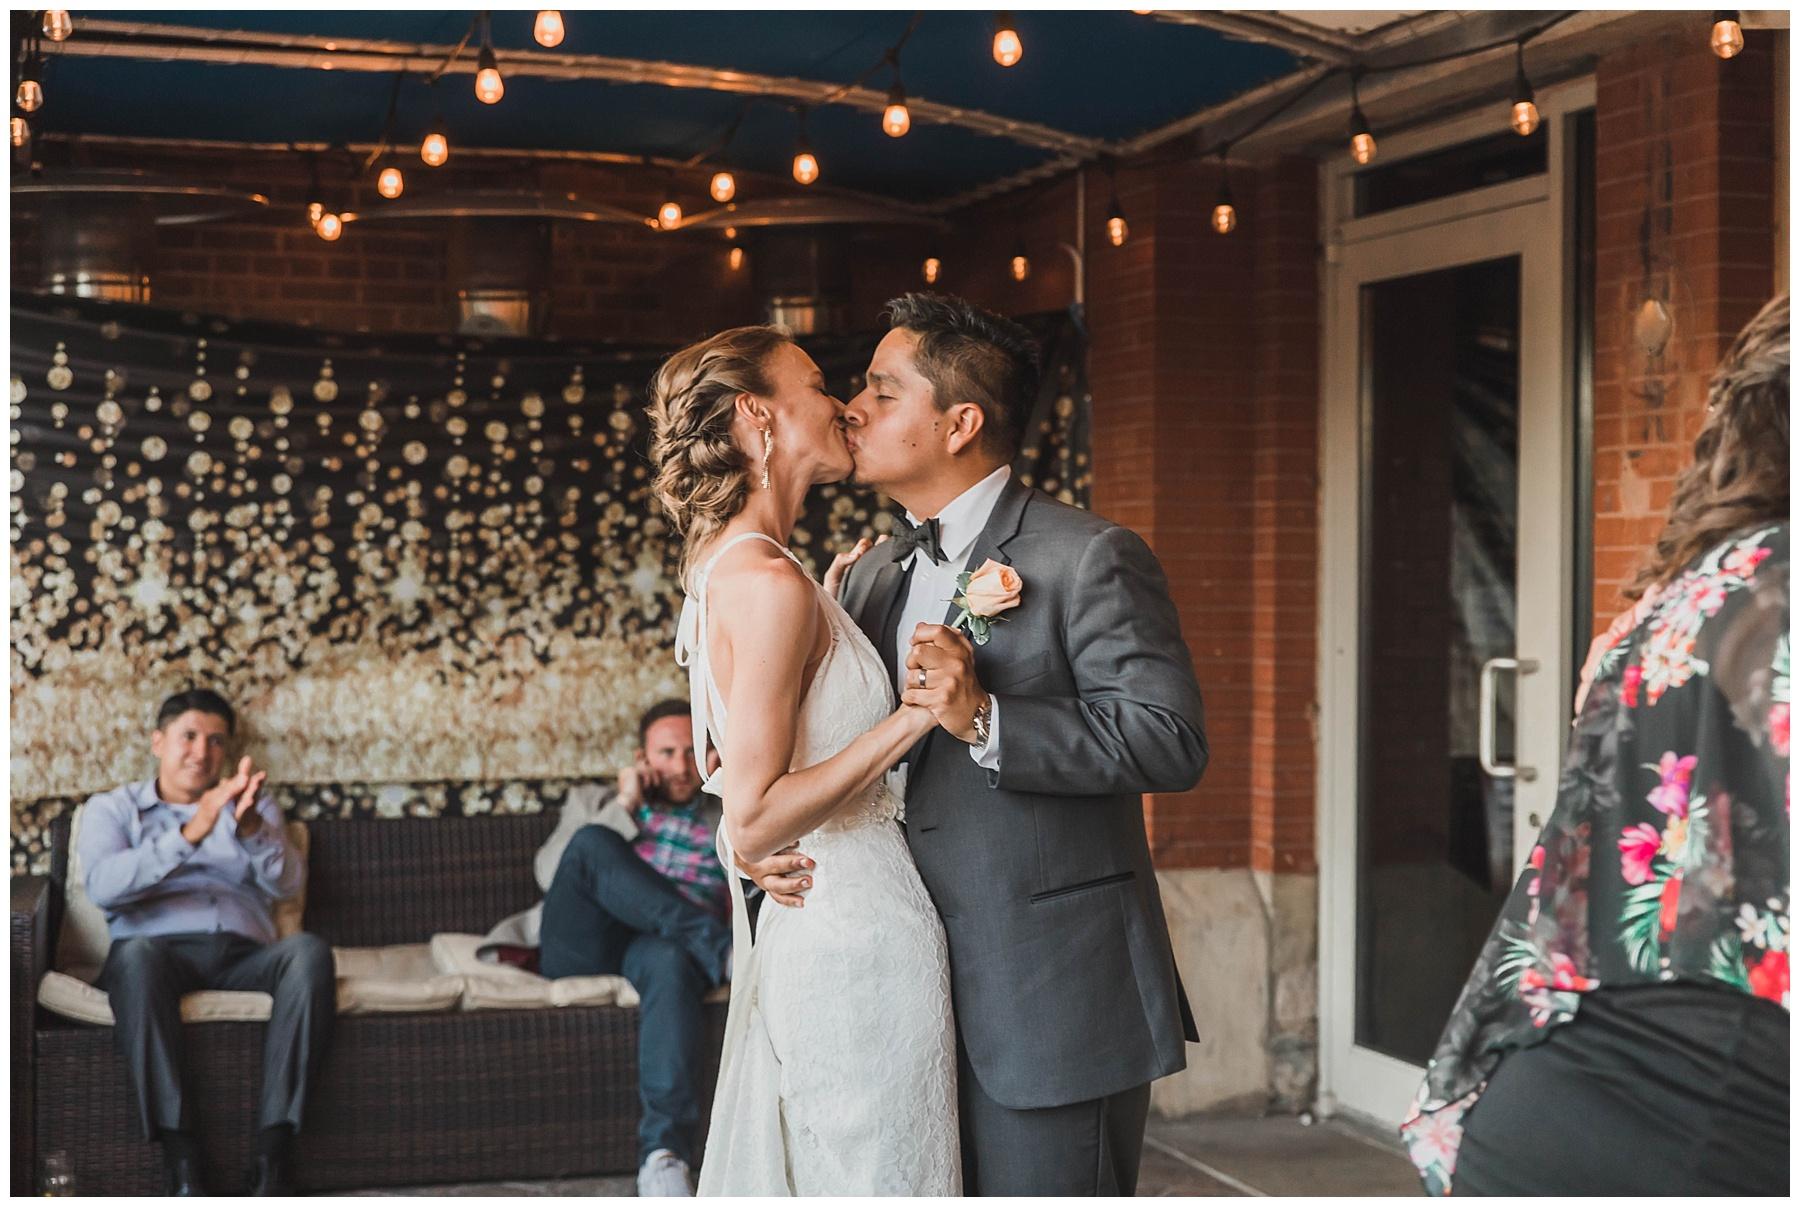 Target Wedding Dresses Isaac Mizrahi